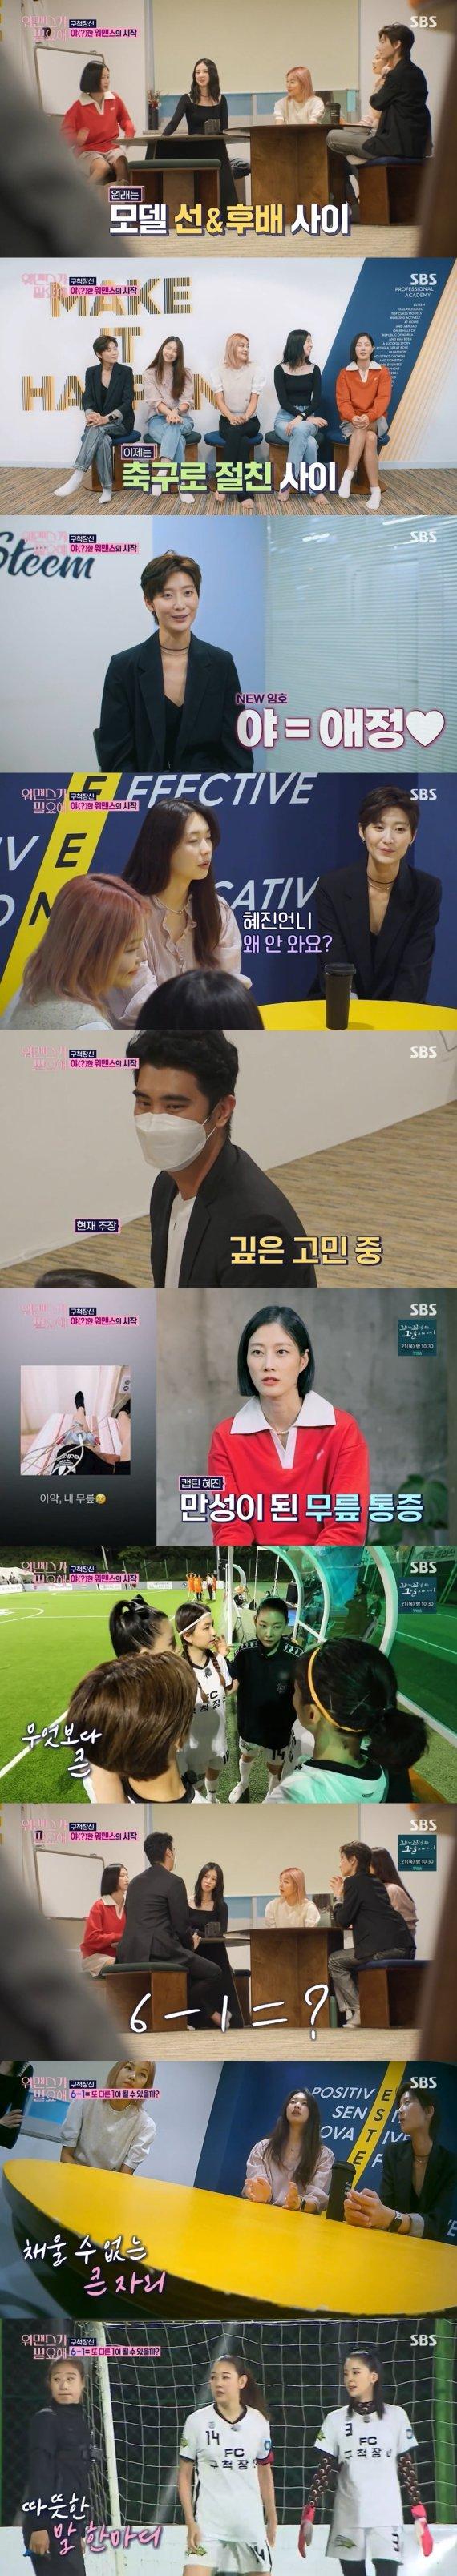 한혜진, 무릎 부상에 '골때녀' 시즌2 못 뛴다…FC구척장신 미래는 [RE:TV]